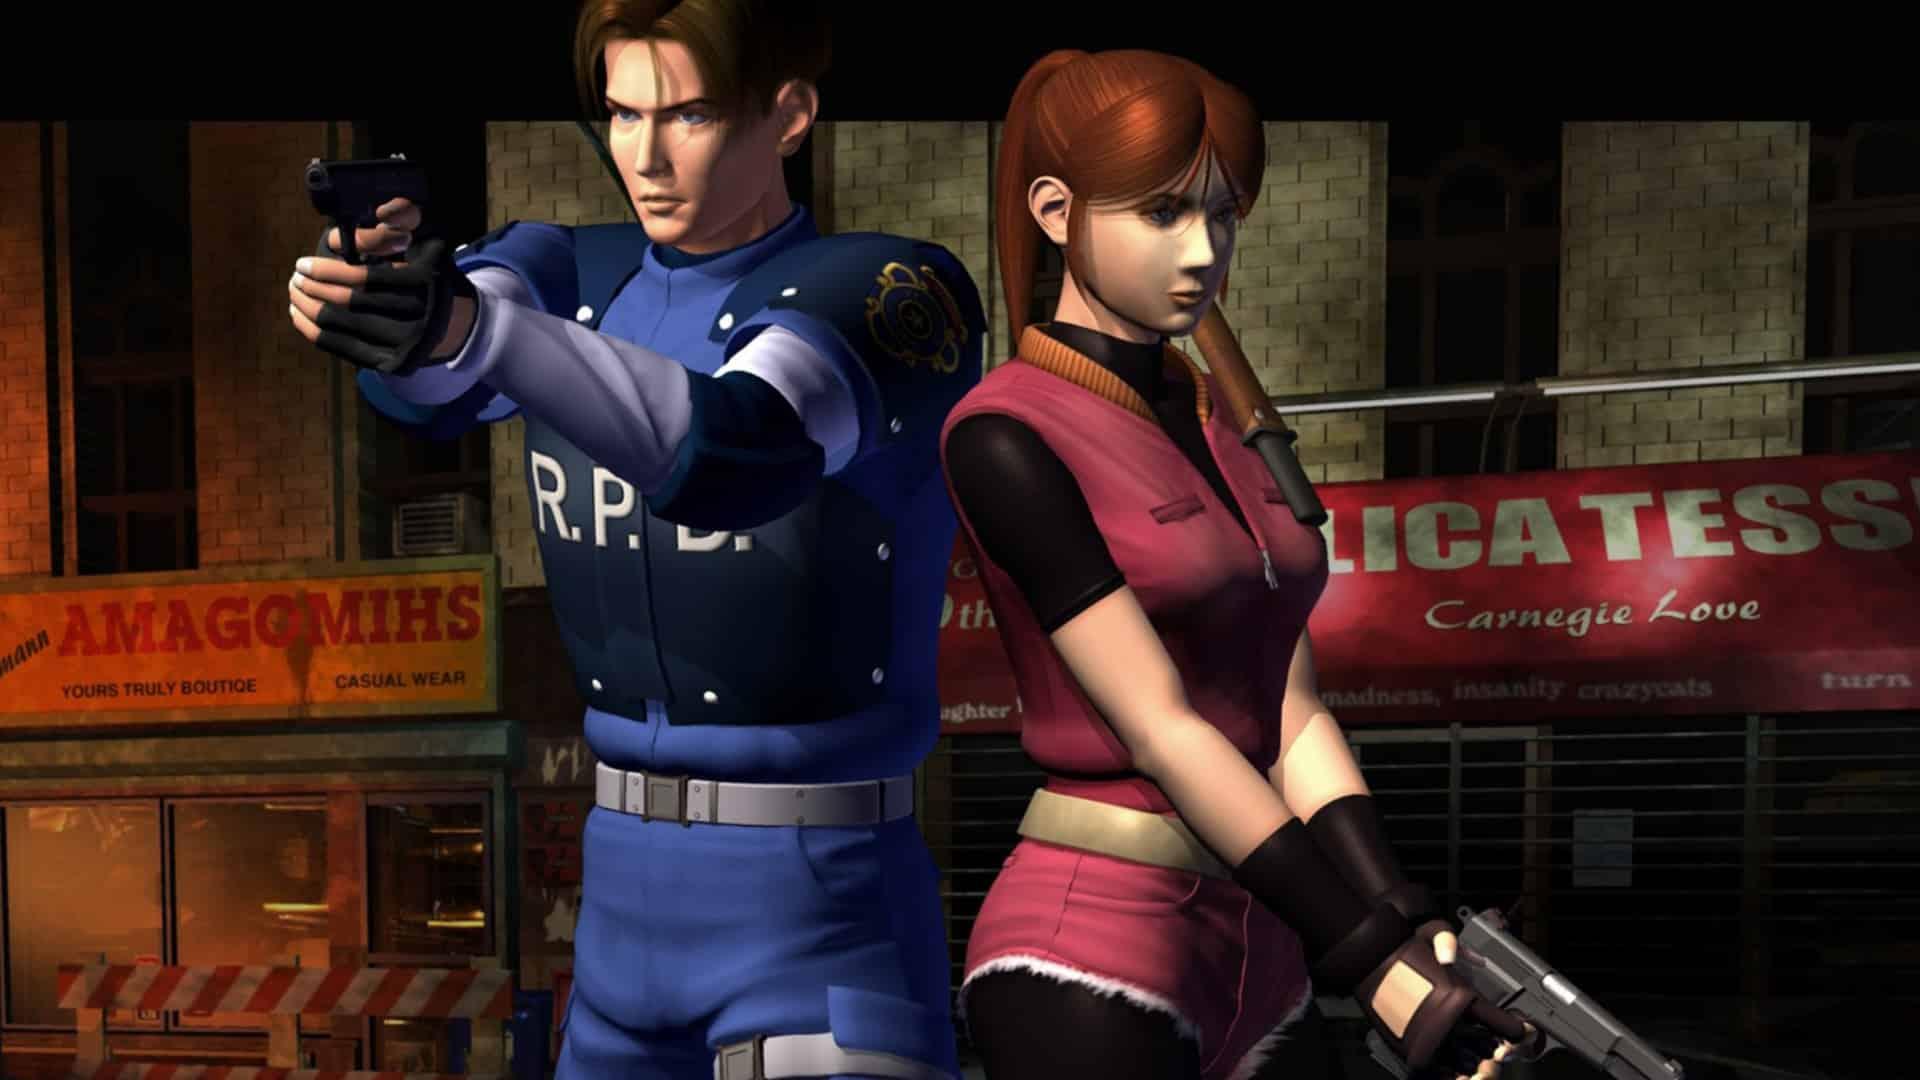 Image de présentation pour le workblog modding Resident evil 2